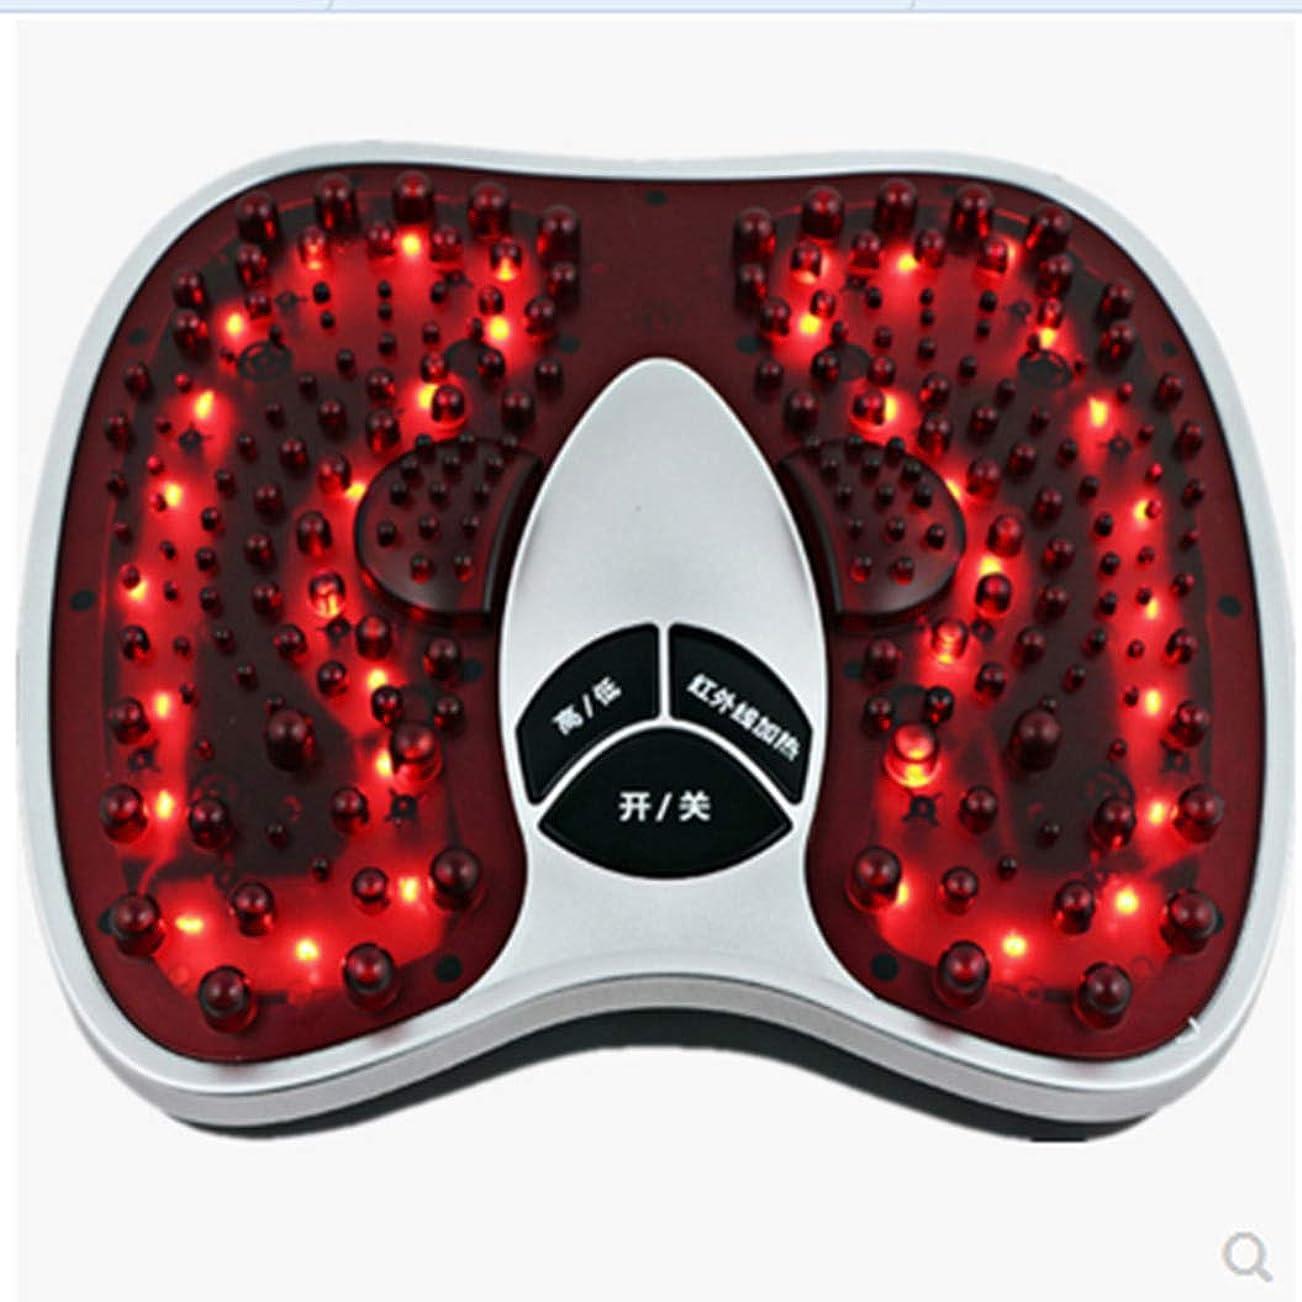 死傷者改革ラダ足マッサージ、熱の改善、循環の改善、202マッサージヘッドのf、硬い筋肉の柔らかさ、鎮痛トリートメント, red